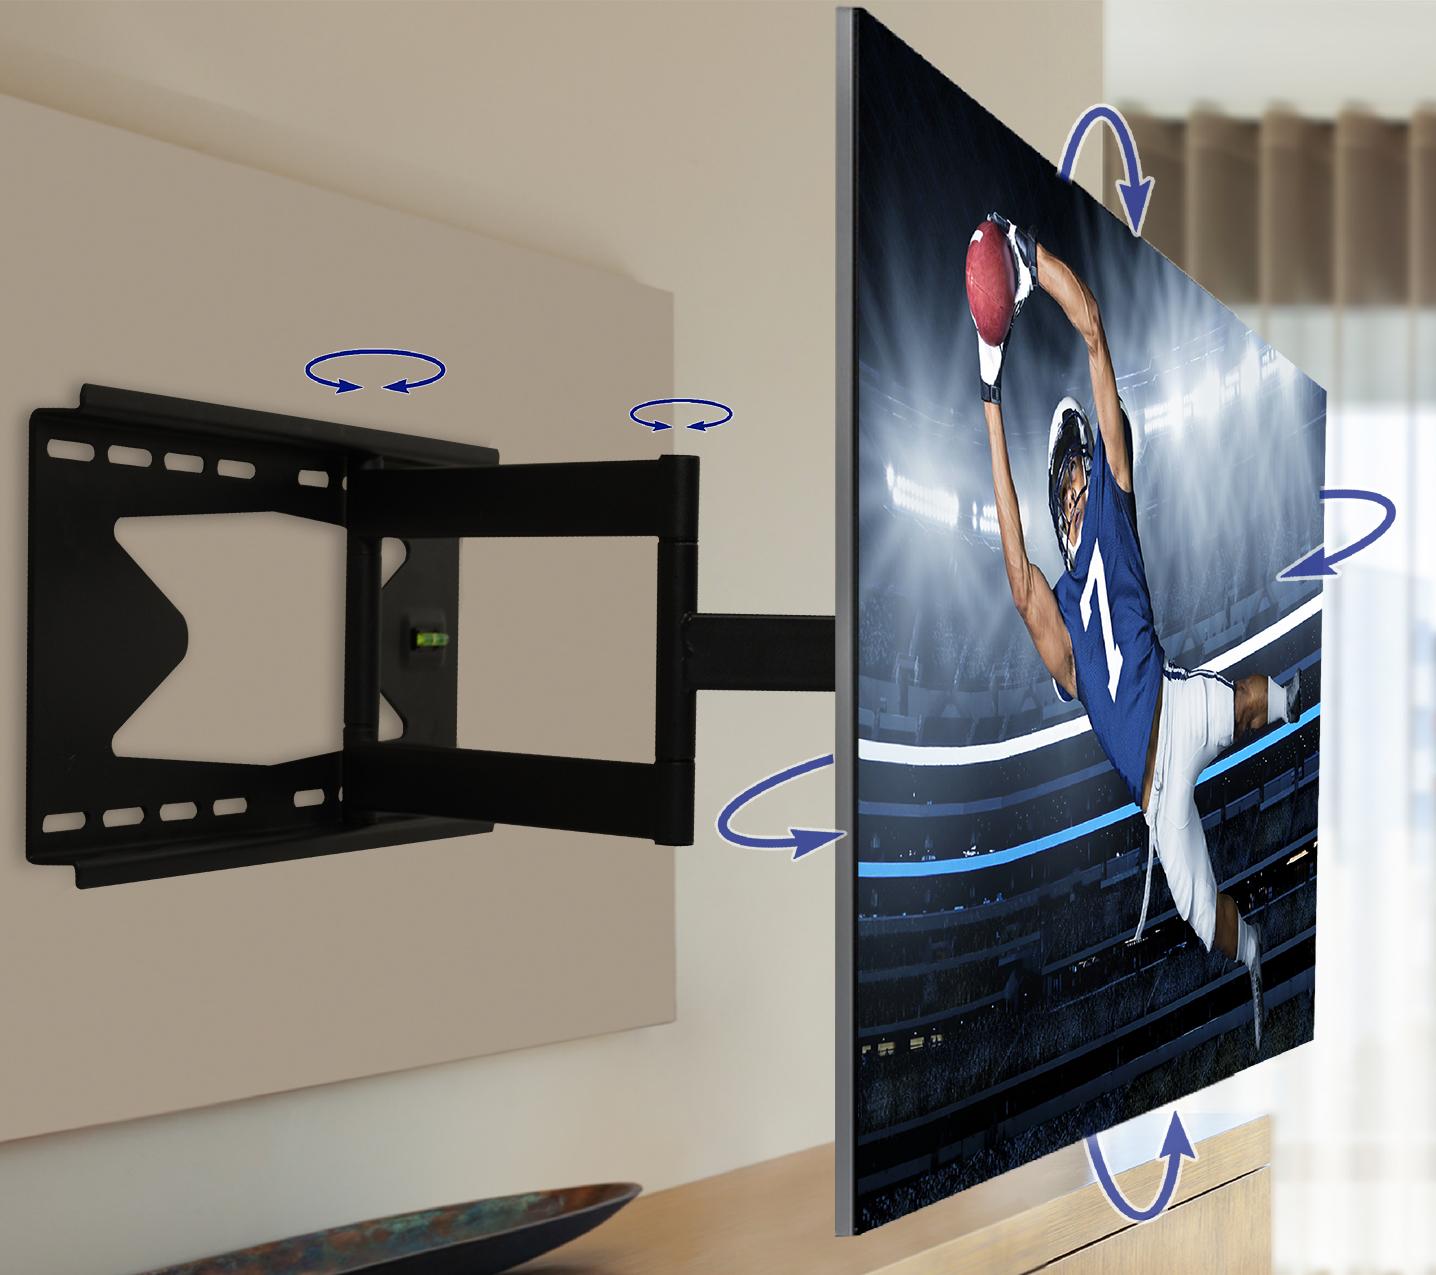 Qualgear 174 Heavy Duty Full Motion Tv Mount For 37 70 Inch